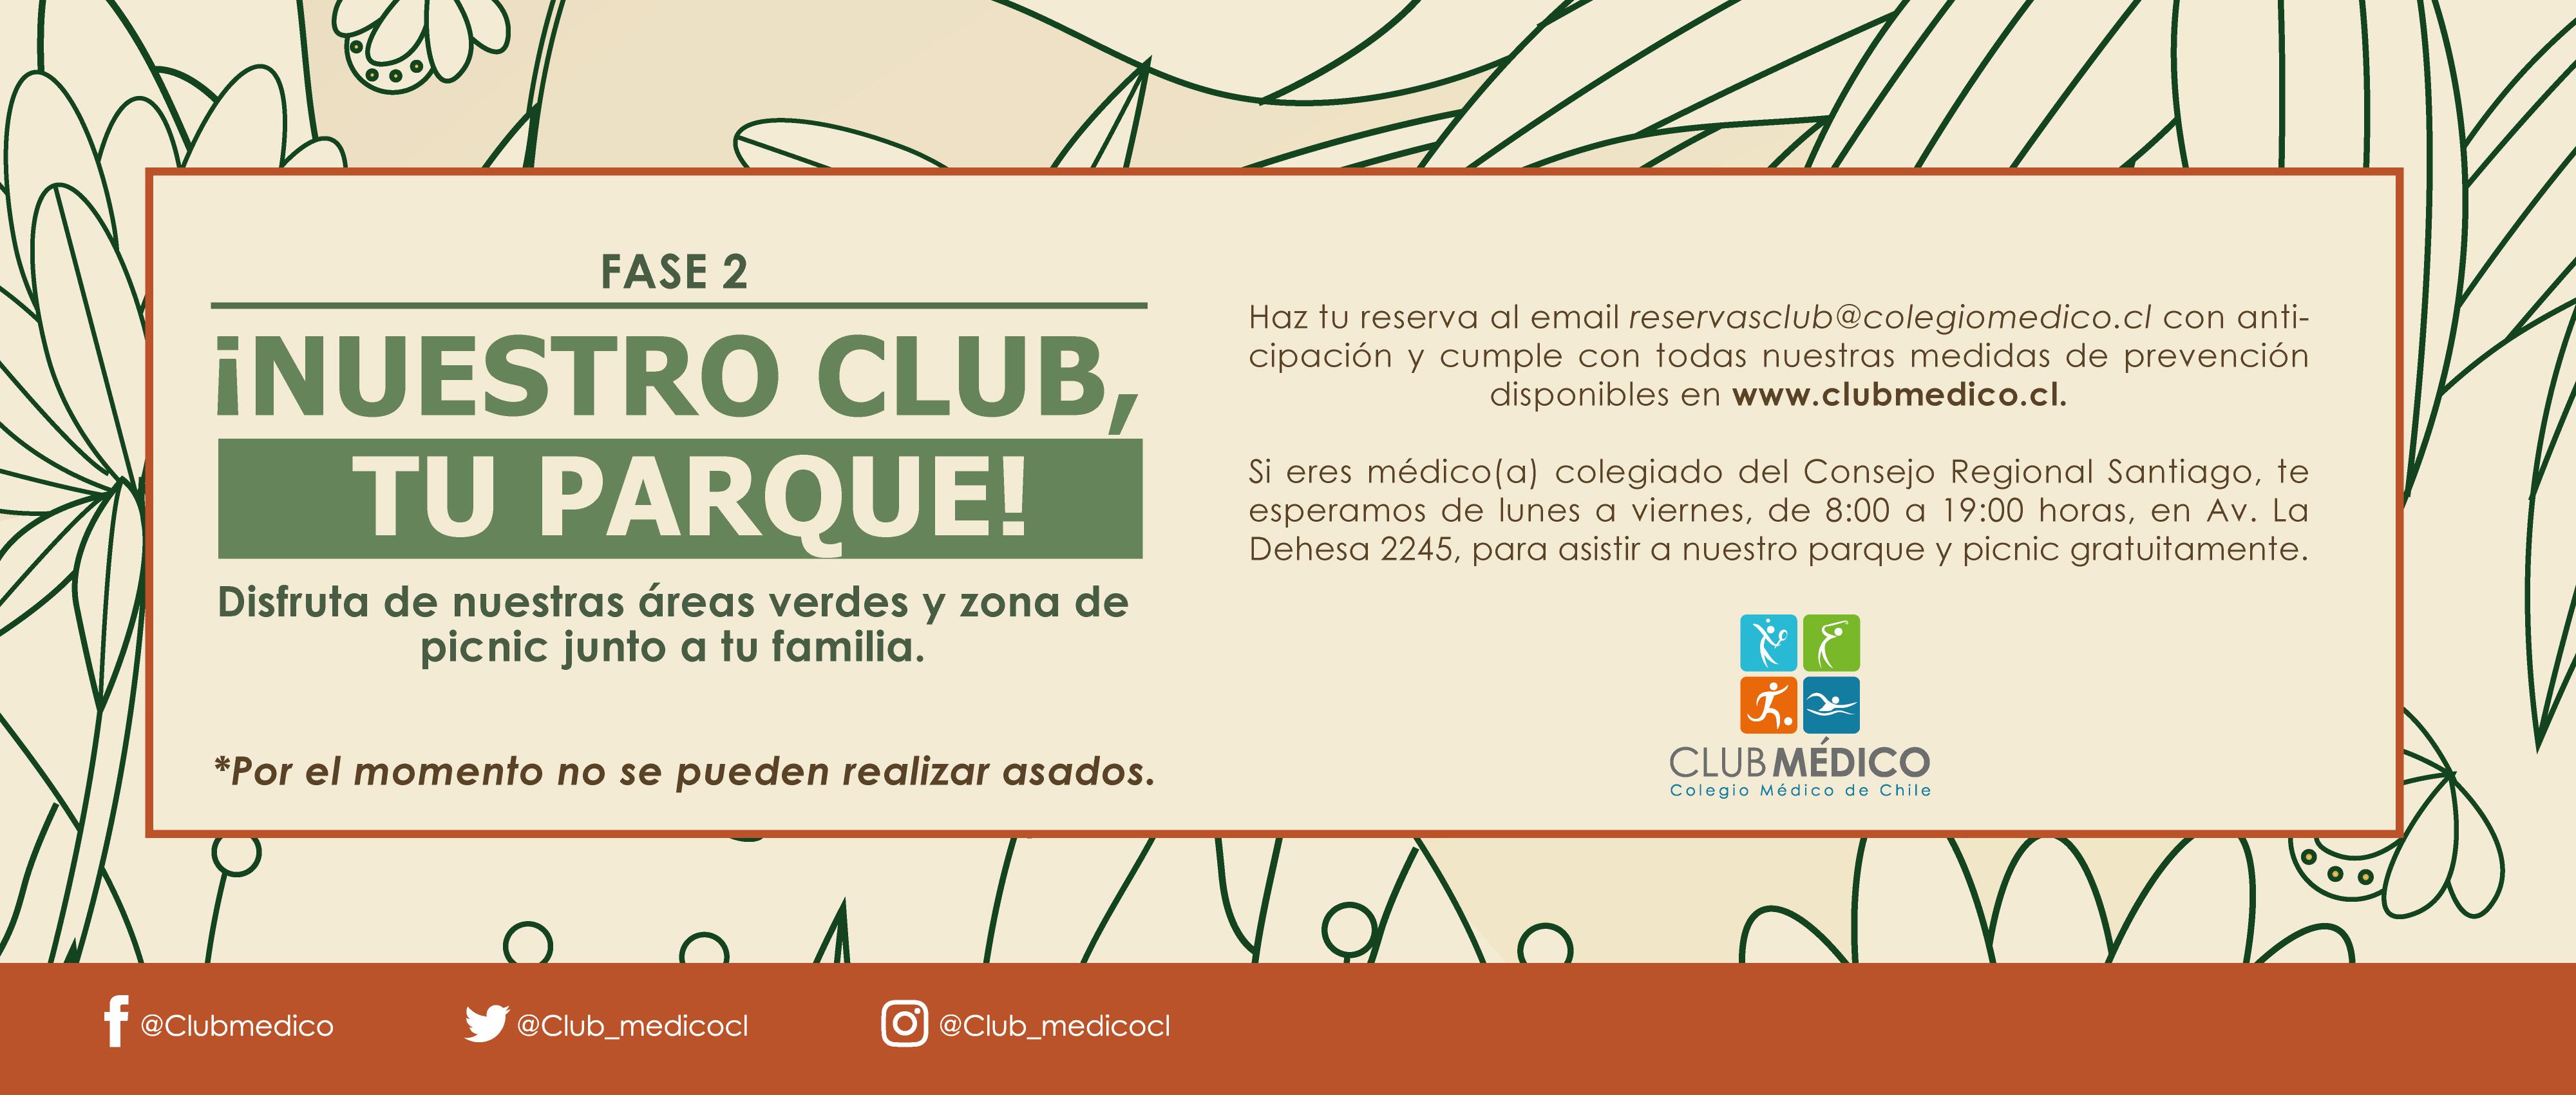 nuestro-club-tu-parque_4000x1700